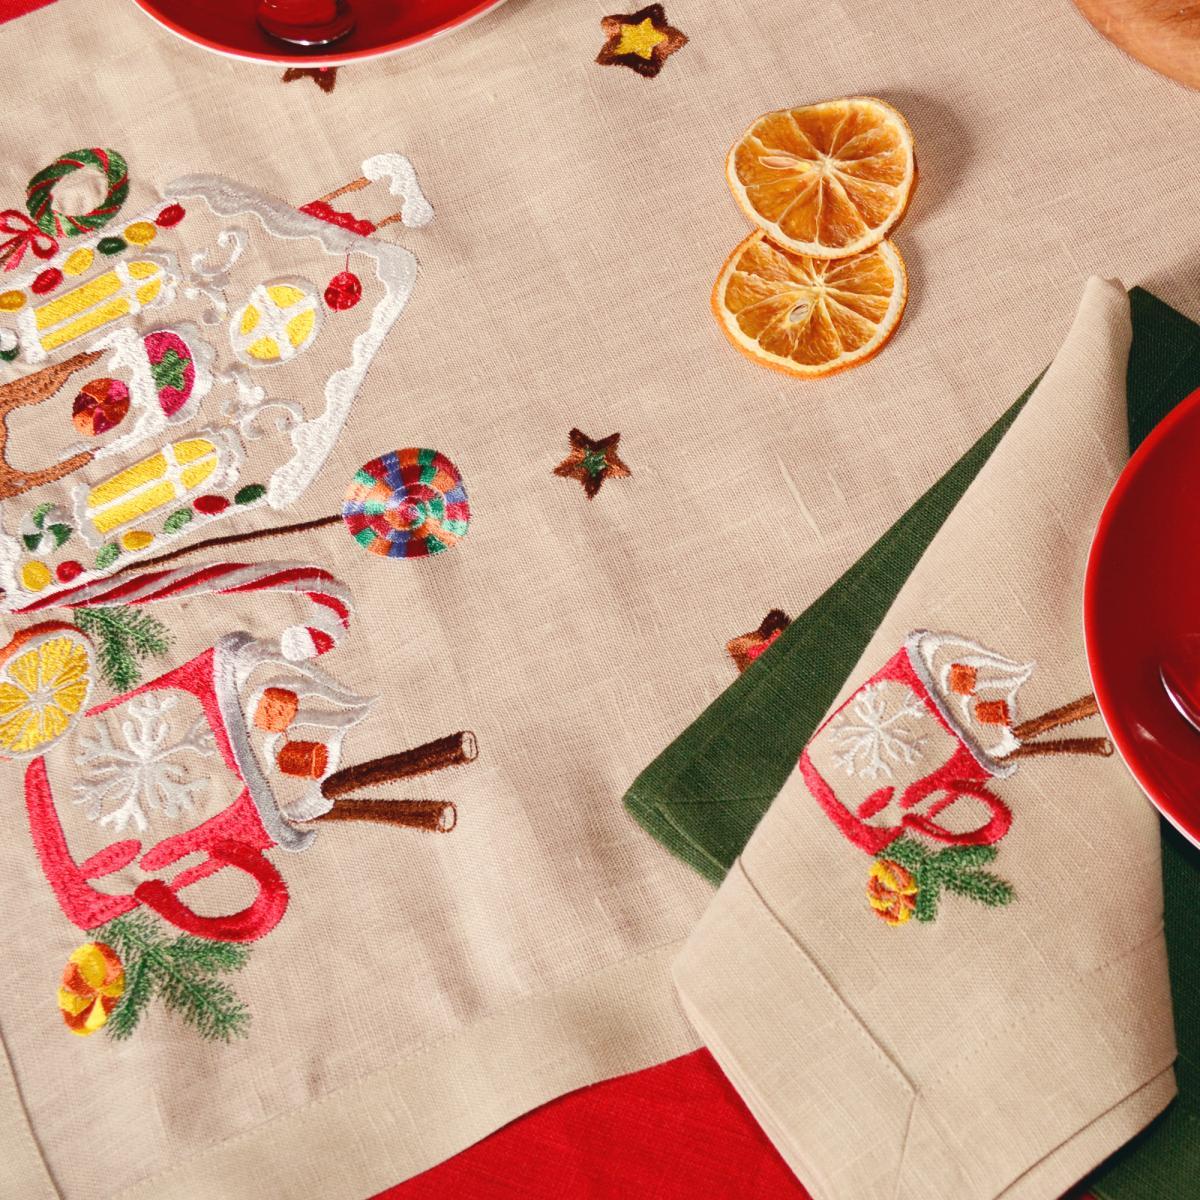 Дорожка (раннер) Льняная на стол Вкус Рождества. Фото №2. | Народный дом Украина